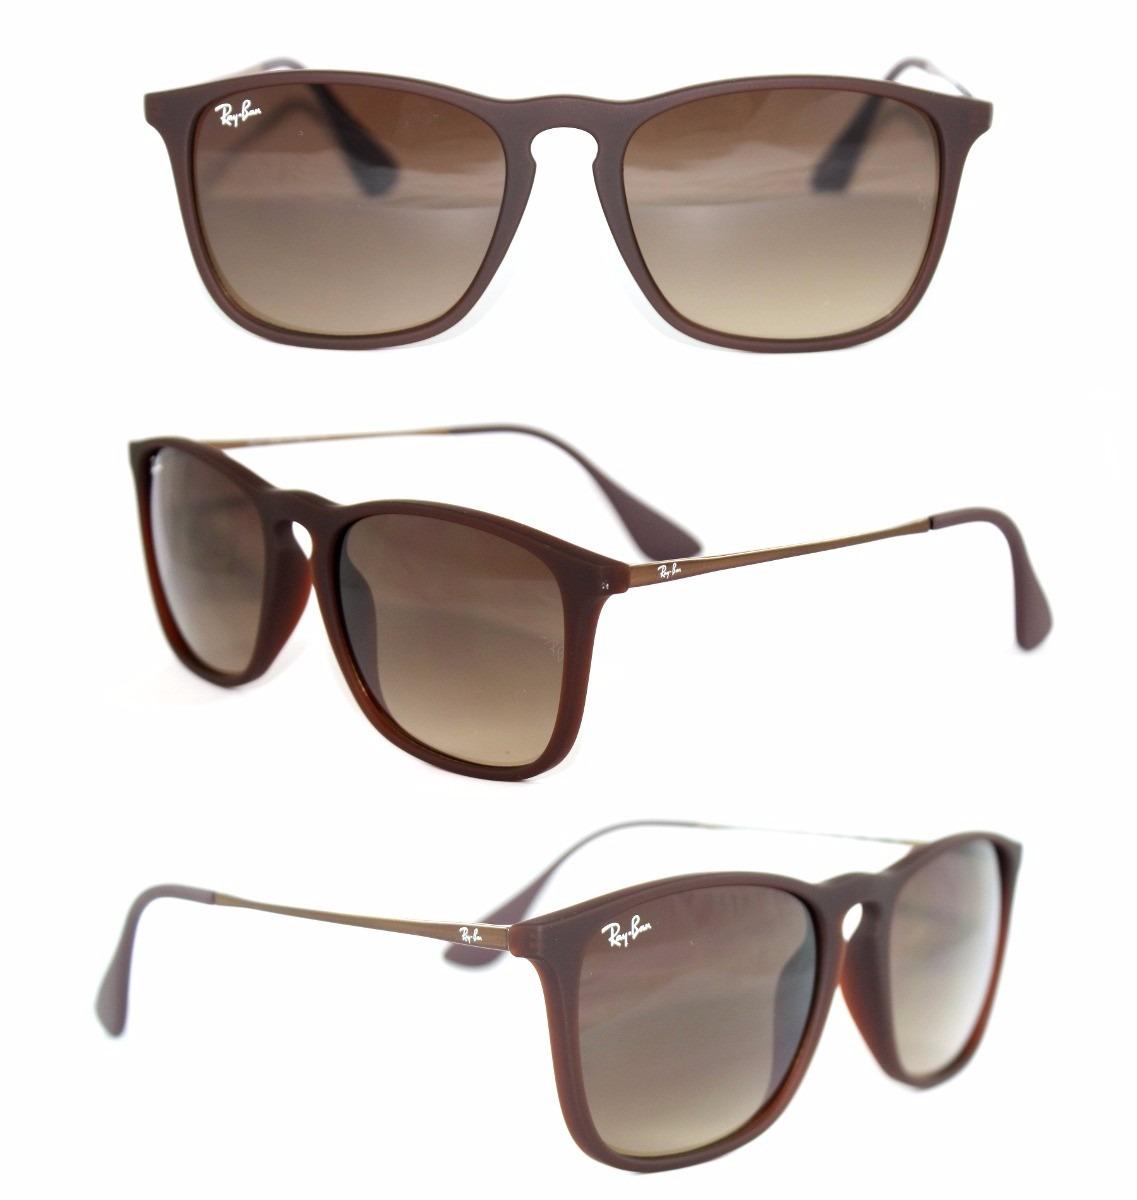 Óculos De Sol Feminino Ray-ban Modelo Erika Rb4171 - R  159,00 em ... 6e694c311c